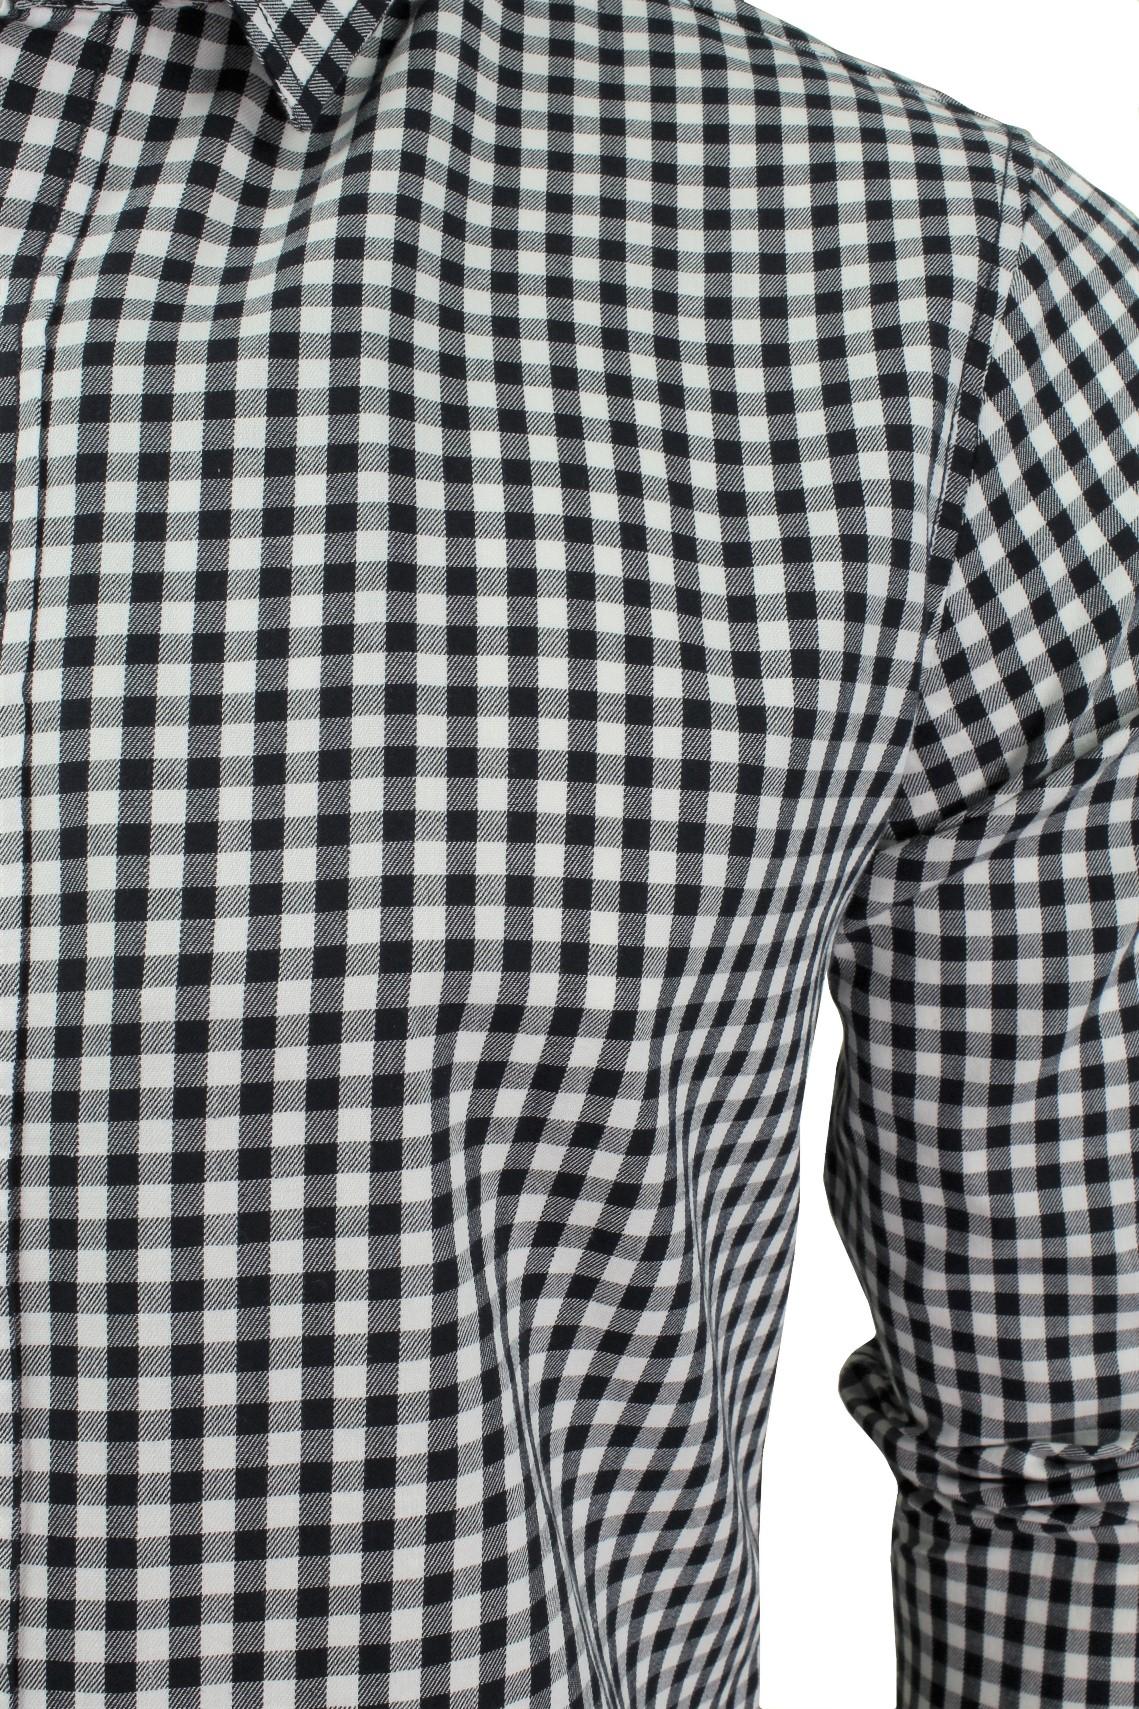 Mens-Gingham-Check-Shirt-by-Crosshatch-039-Larix-039 thumbnail 4